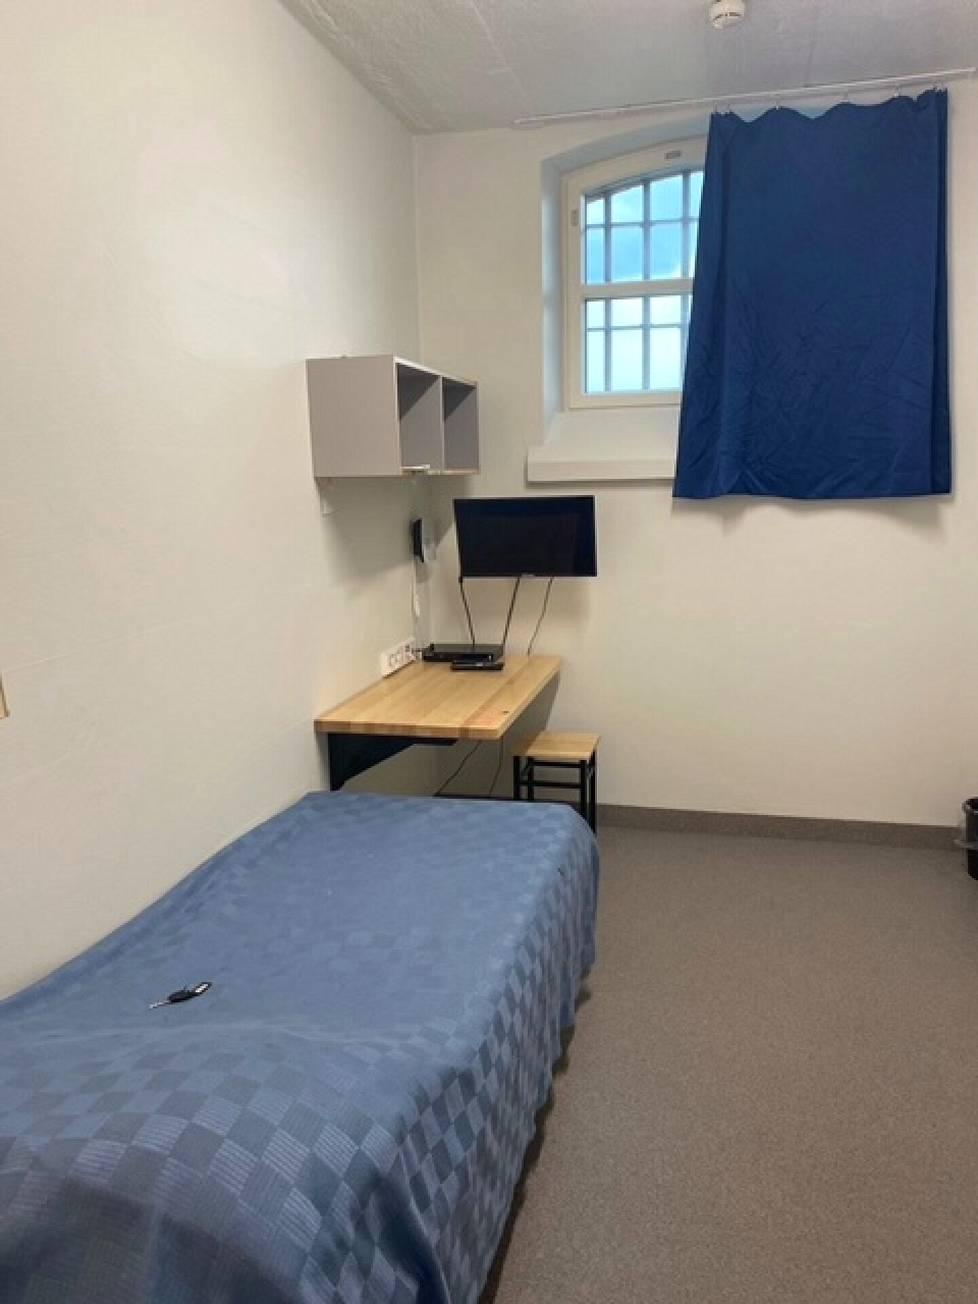 Nuoriso-osaston vankisellien varustus on Helsingin vankilassa samanlainen kuin muillakin asuinosastoilla. Selleissä on sänky, työpöytä, oma wc ja televisio.